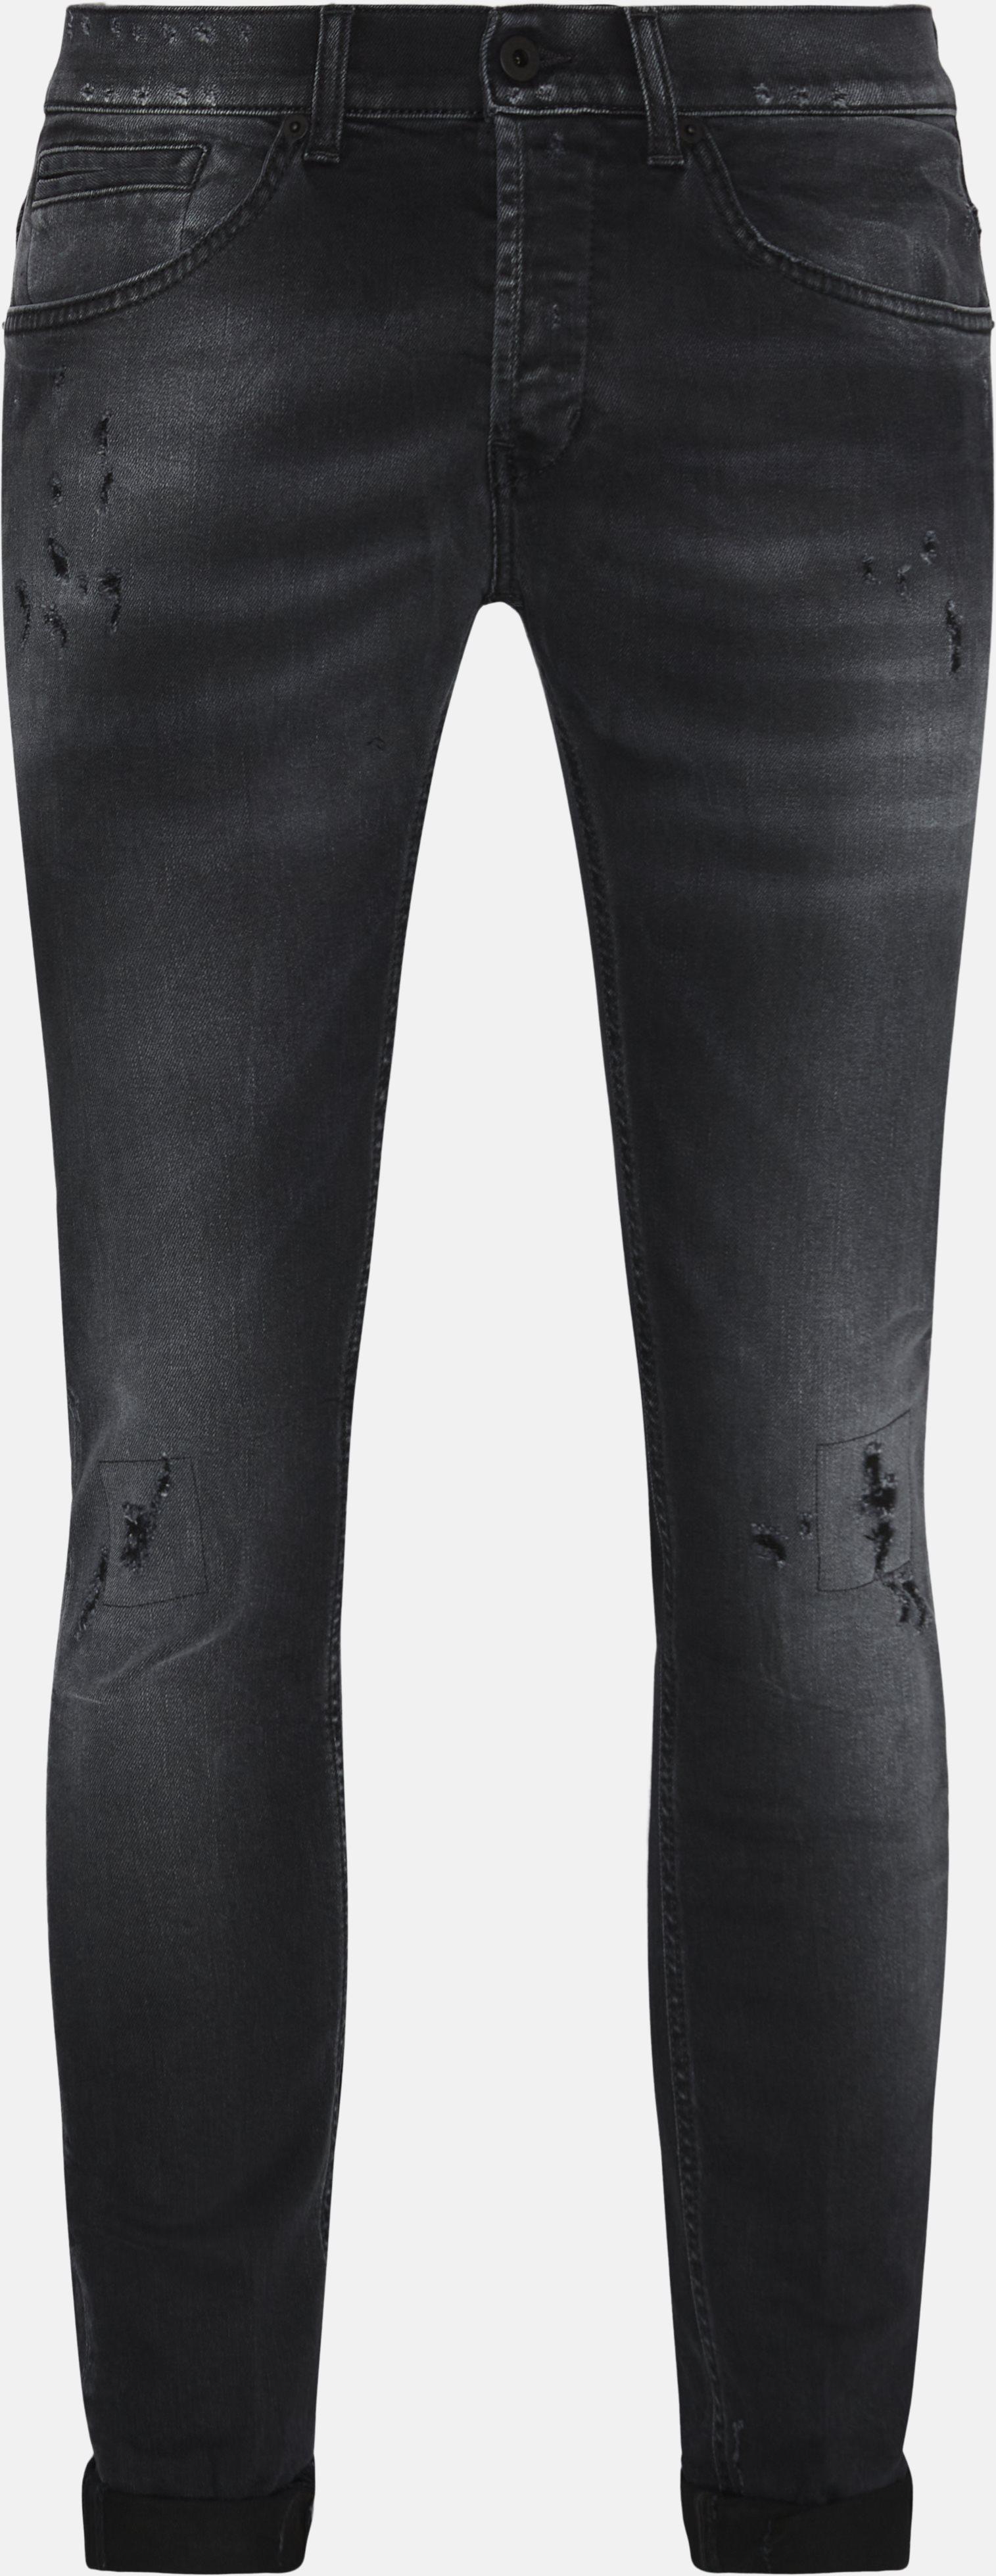 Jeans - Regular fit - Black